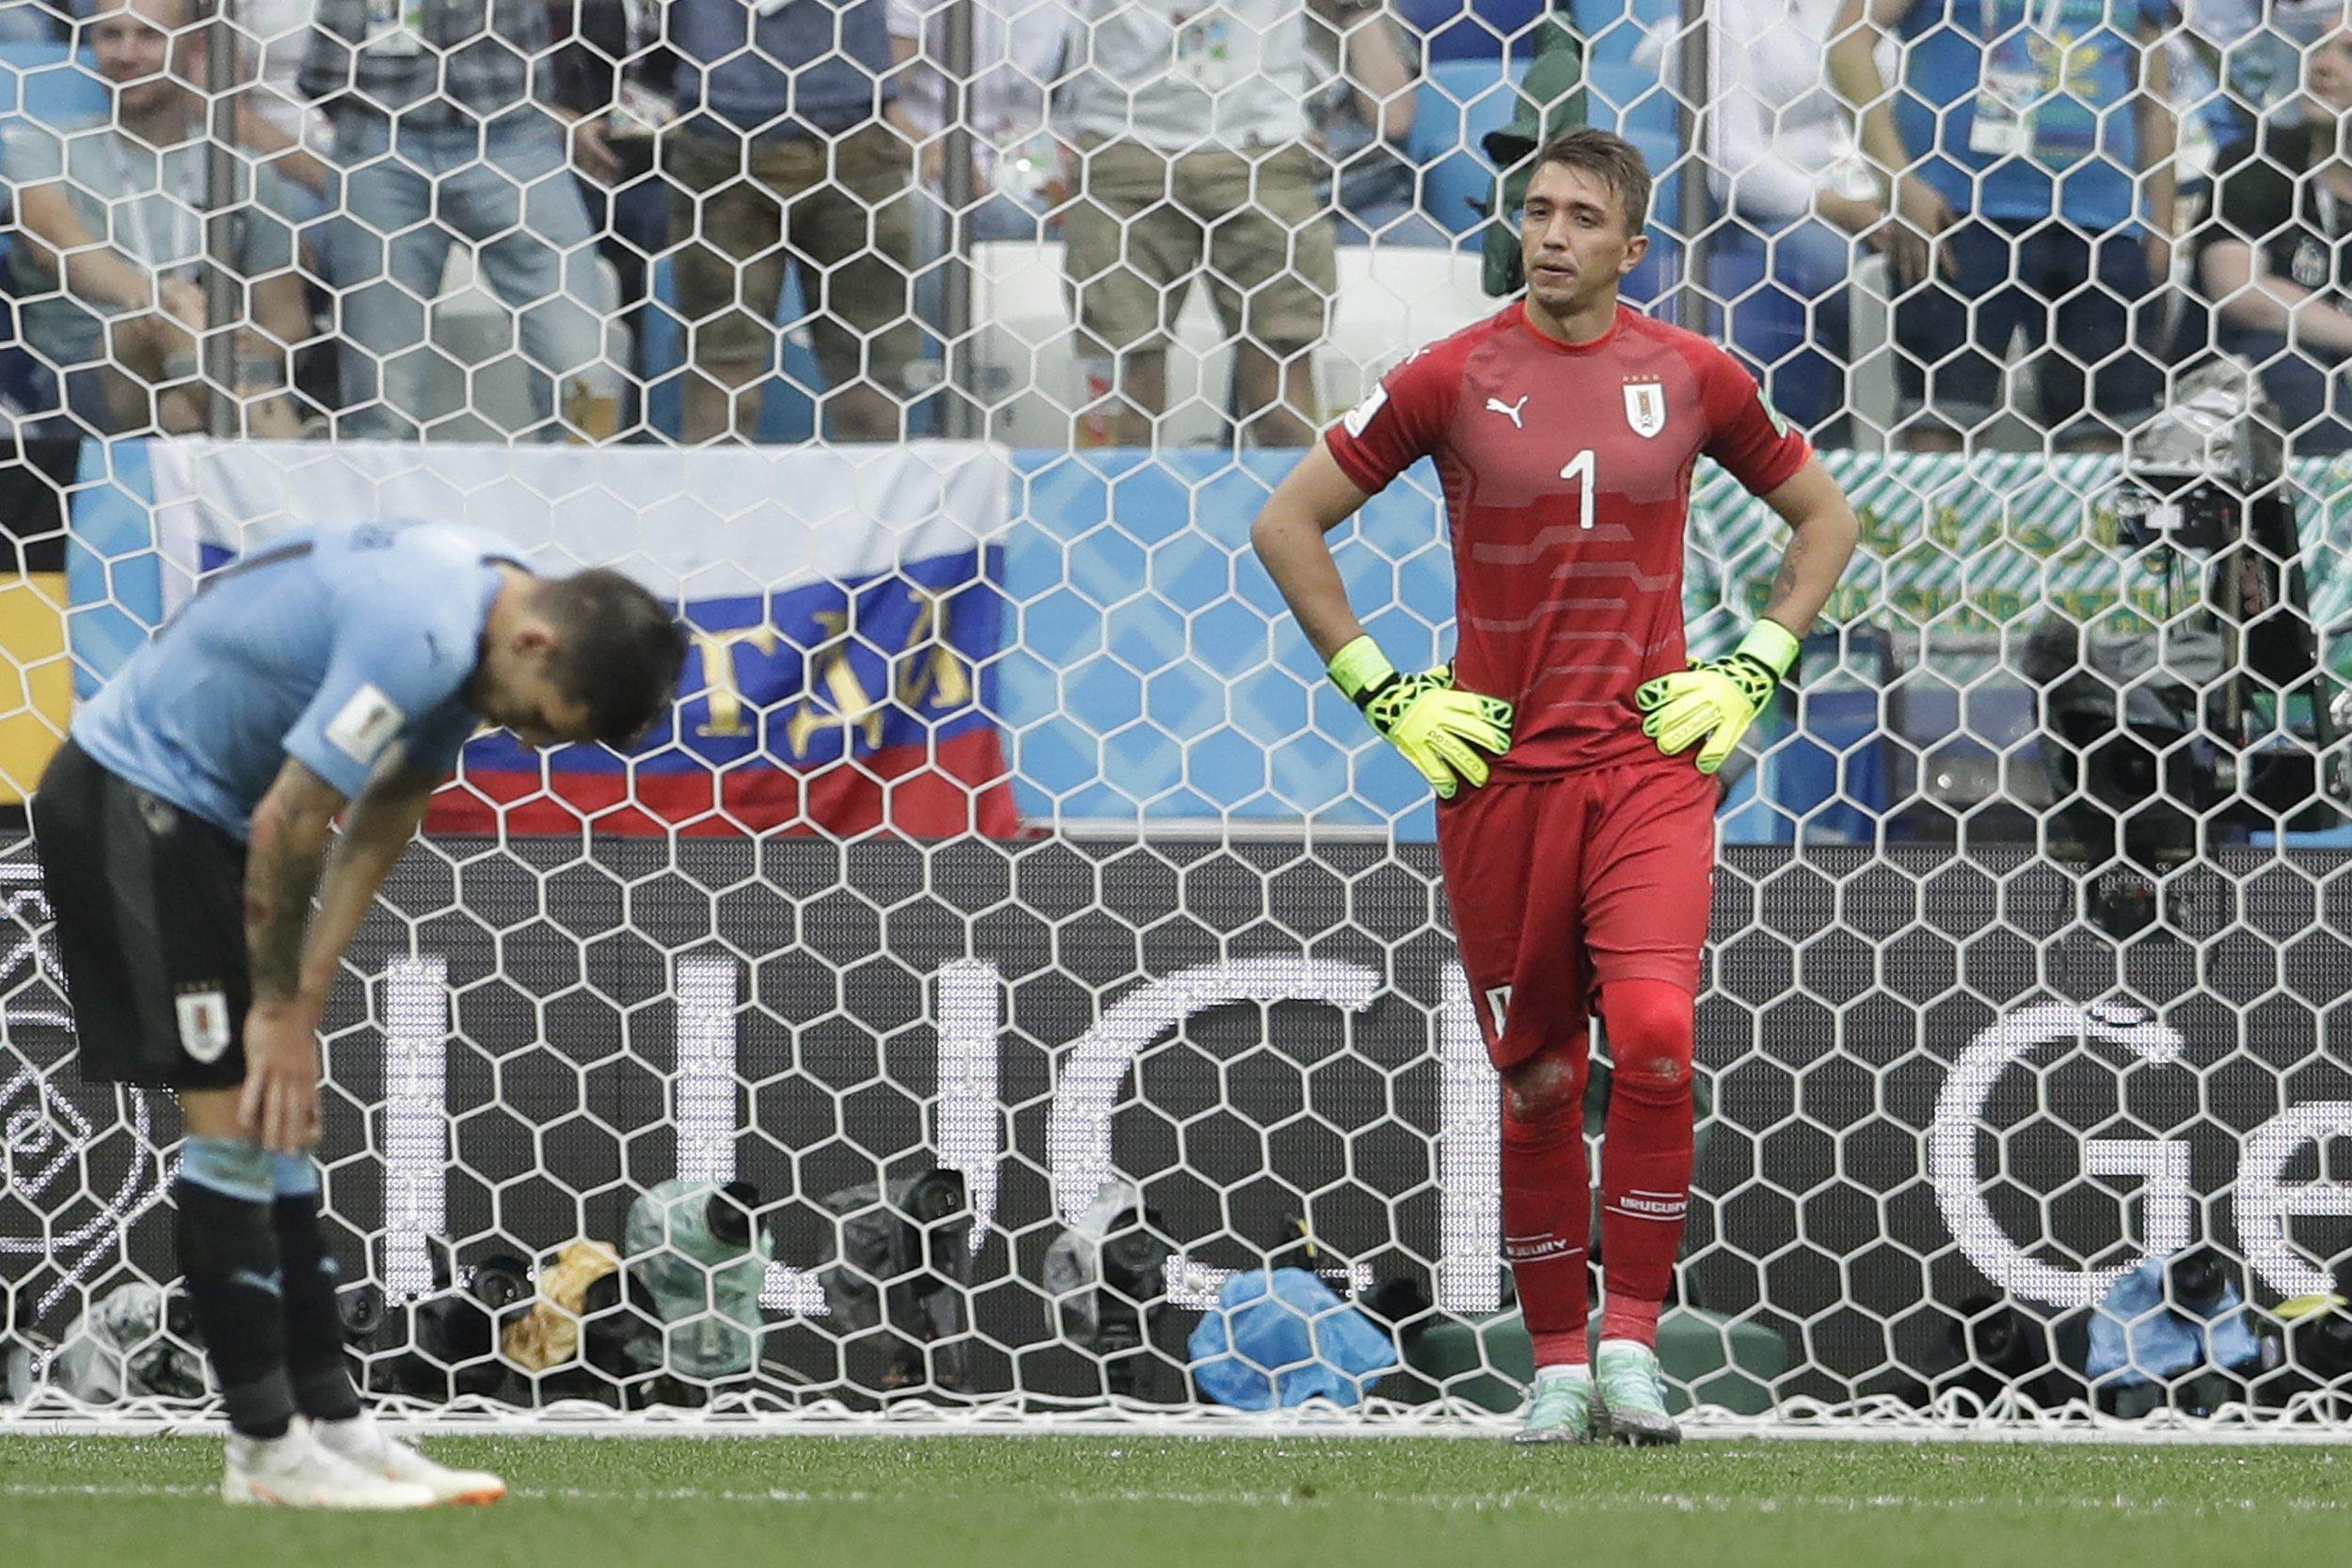 Gary Neville SLAMS Uruguay goalkeeper Fernando Muslera for his mistake vs France